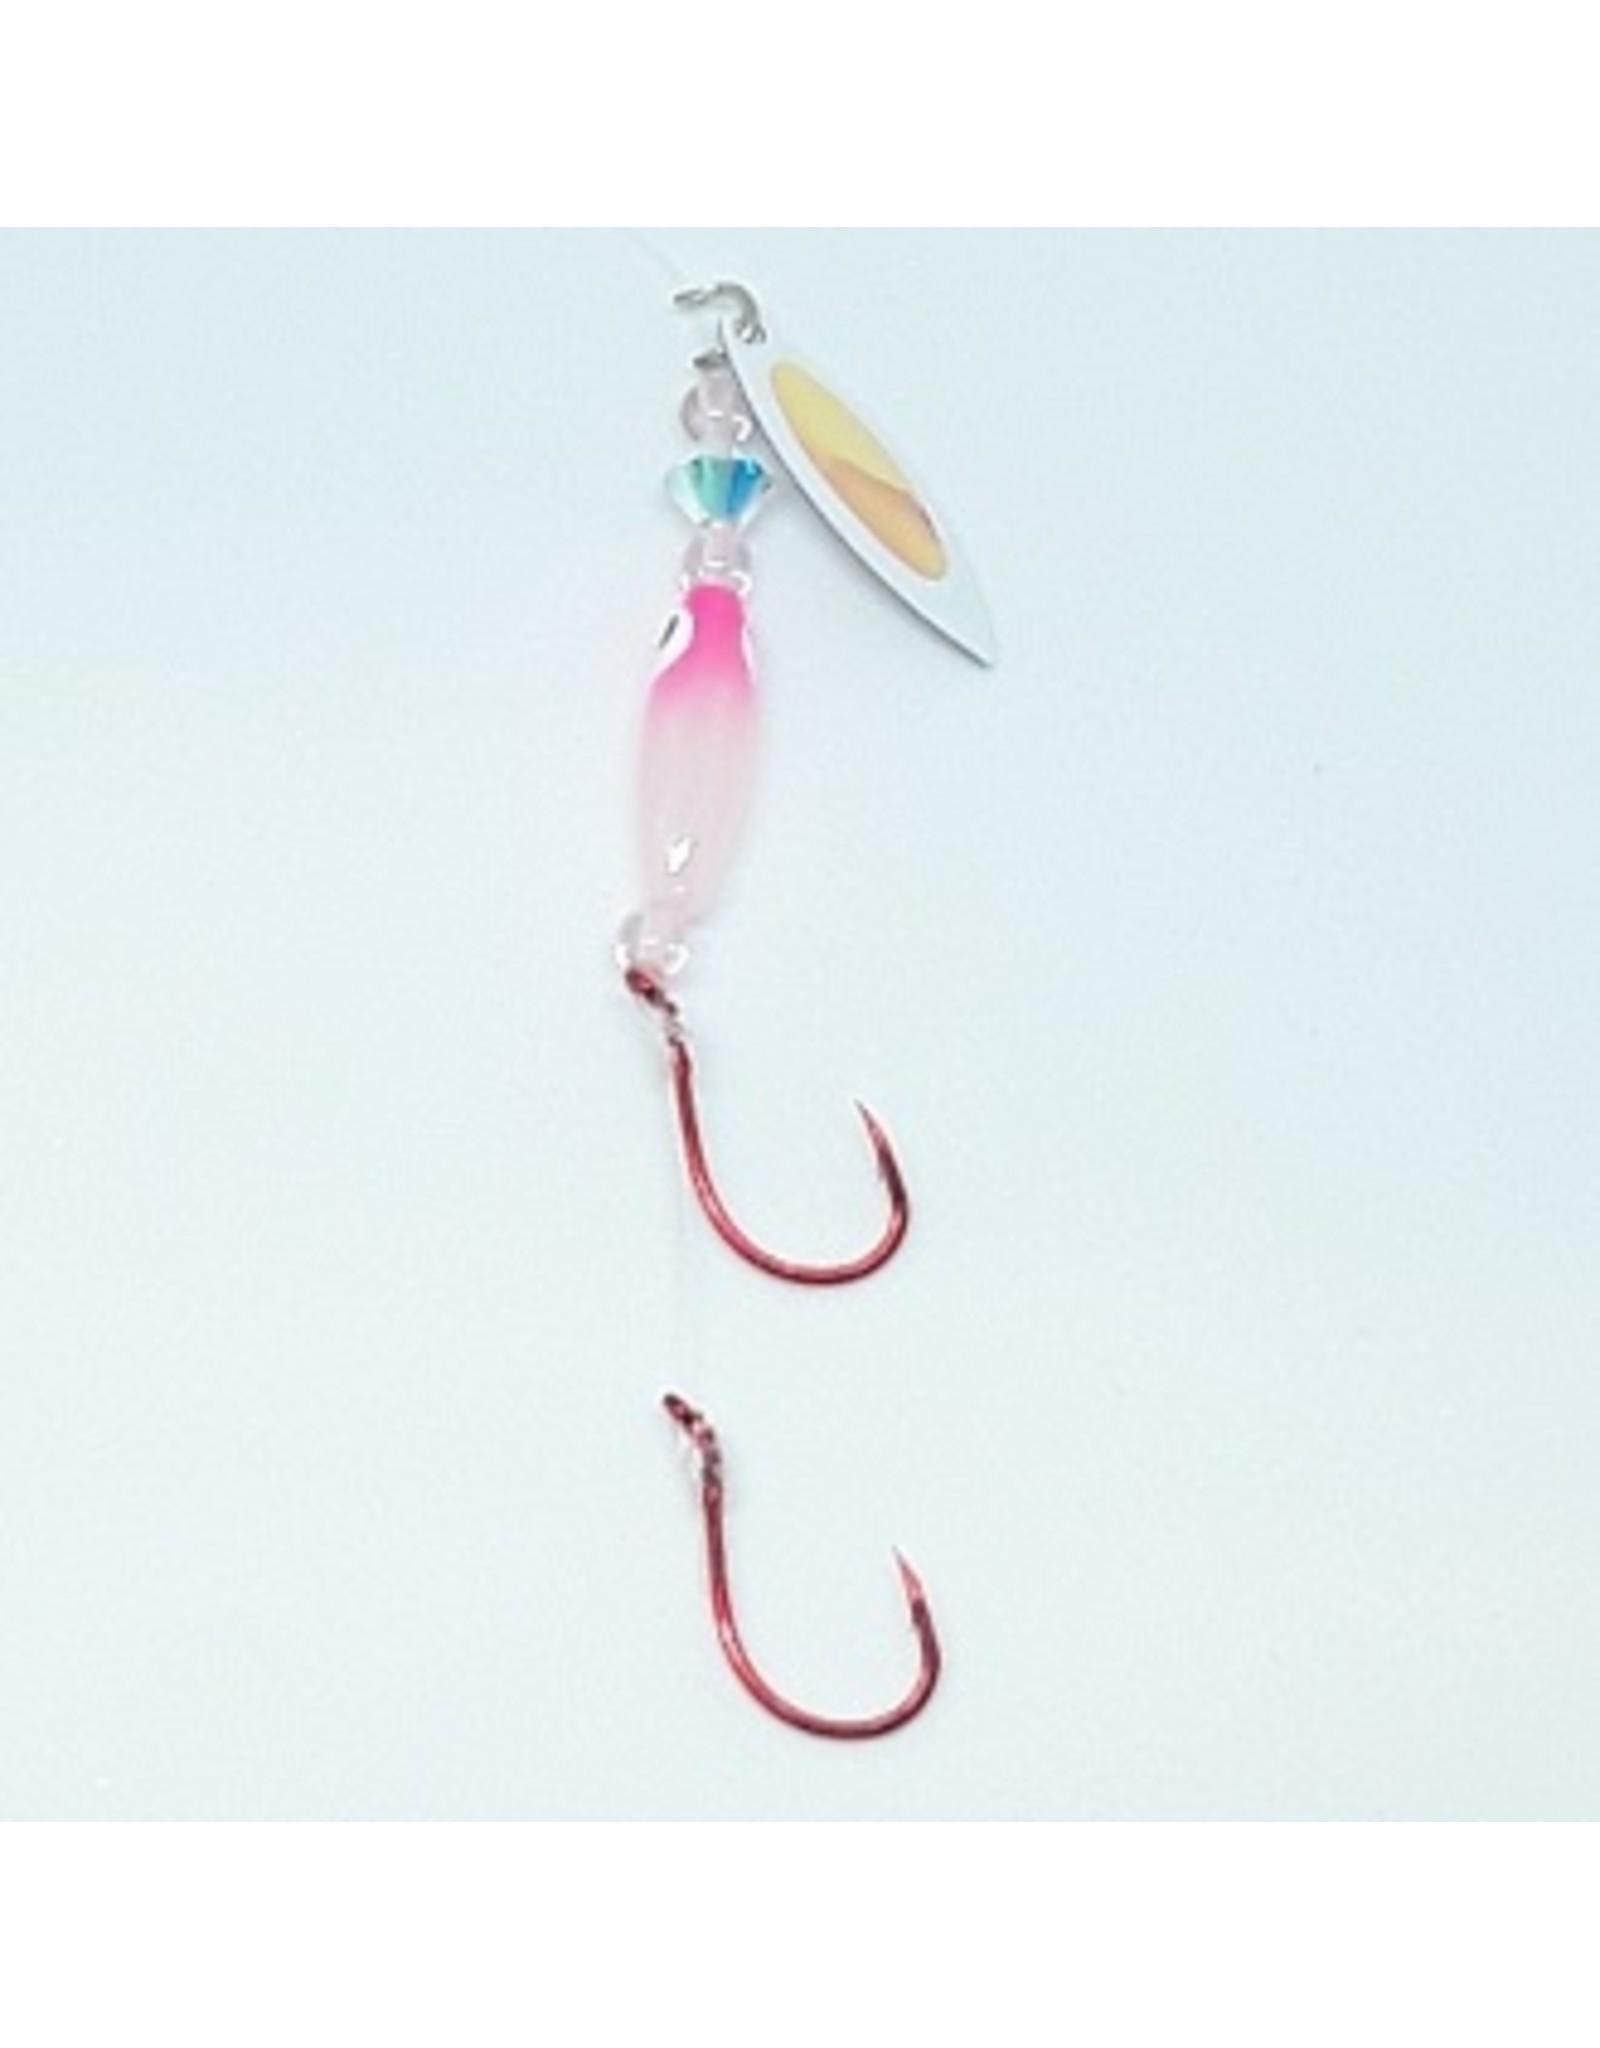 Kokabow Fishing Tackle - Koka Bug - Lucky Strike